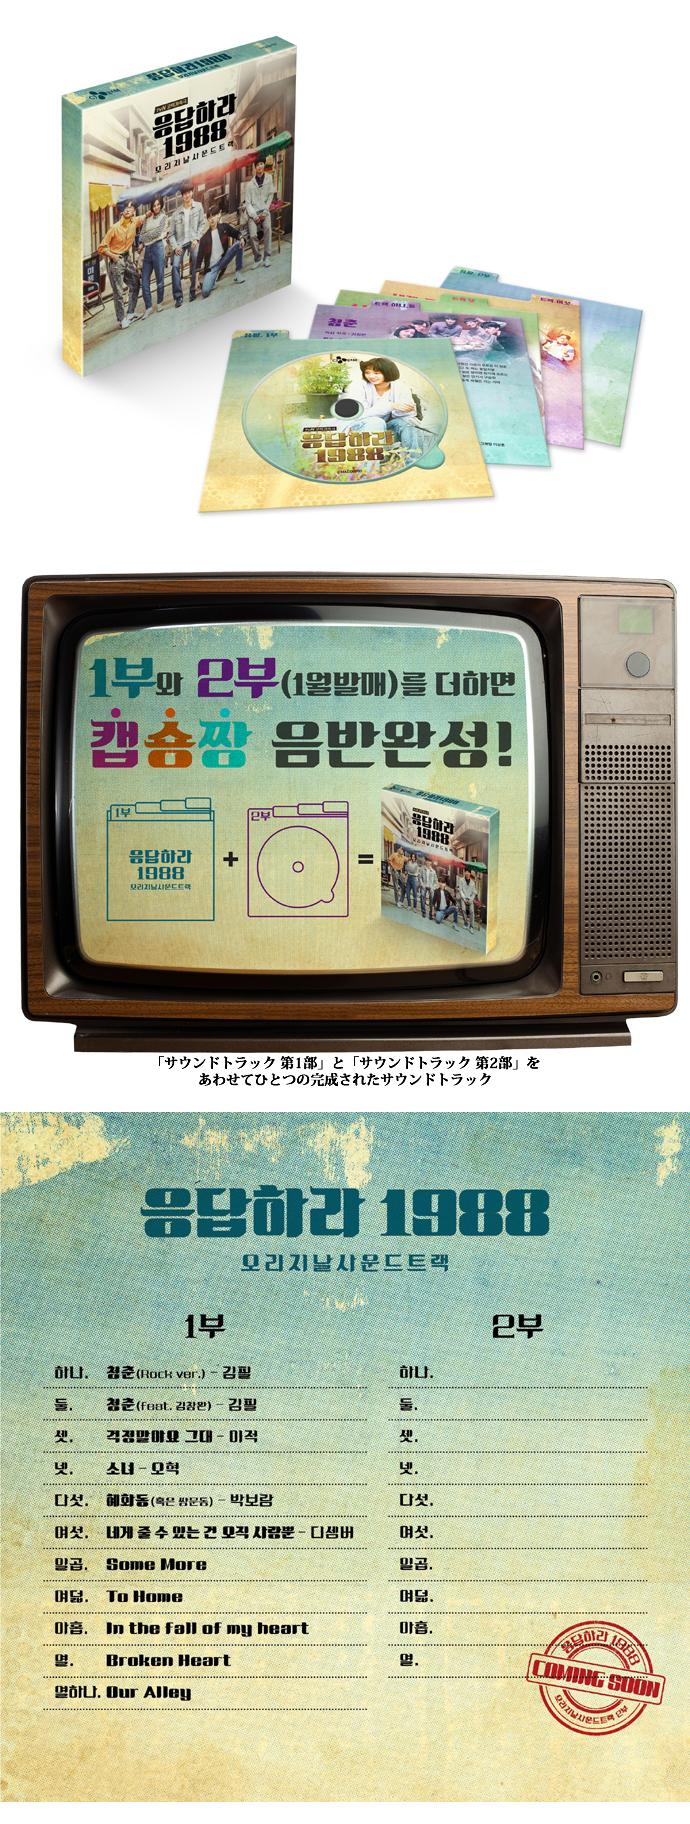 tvNドラマ『応答せよ 1988』OST 第1部 - サンムン洞の5人組のアウトボックスに、OSTと主人公たちの写真をおさめたブックレットカードを収録